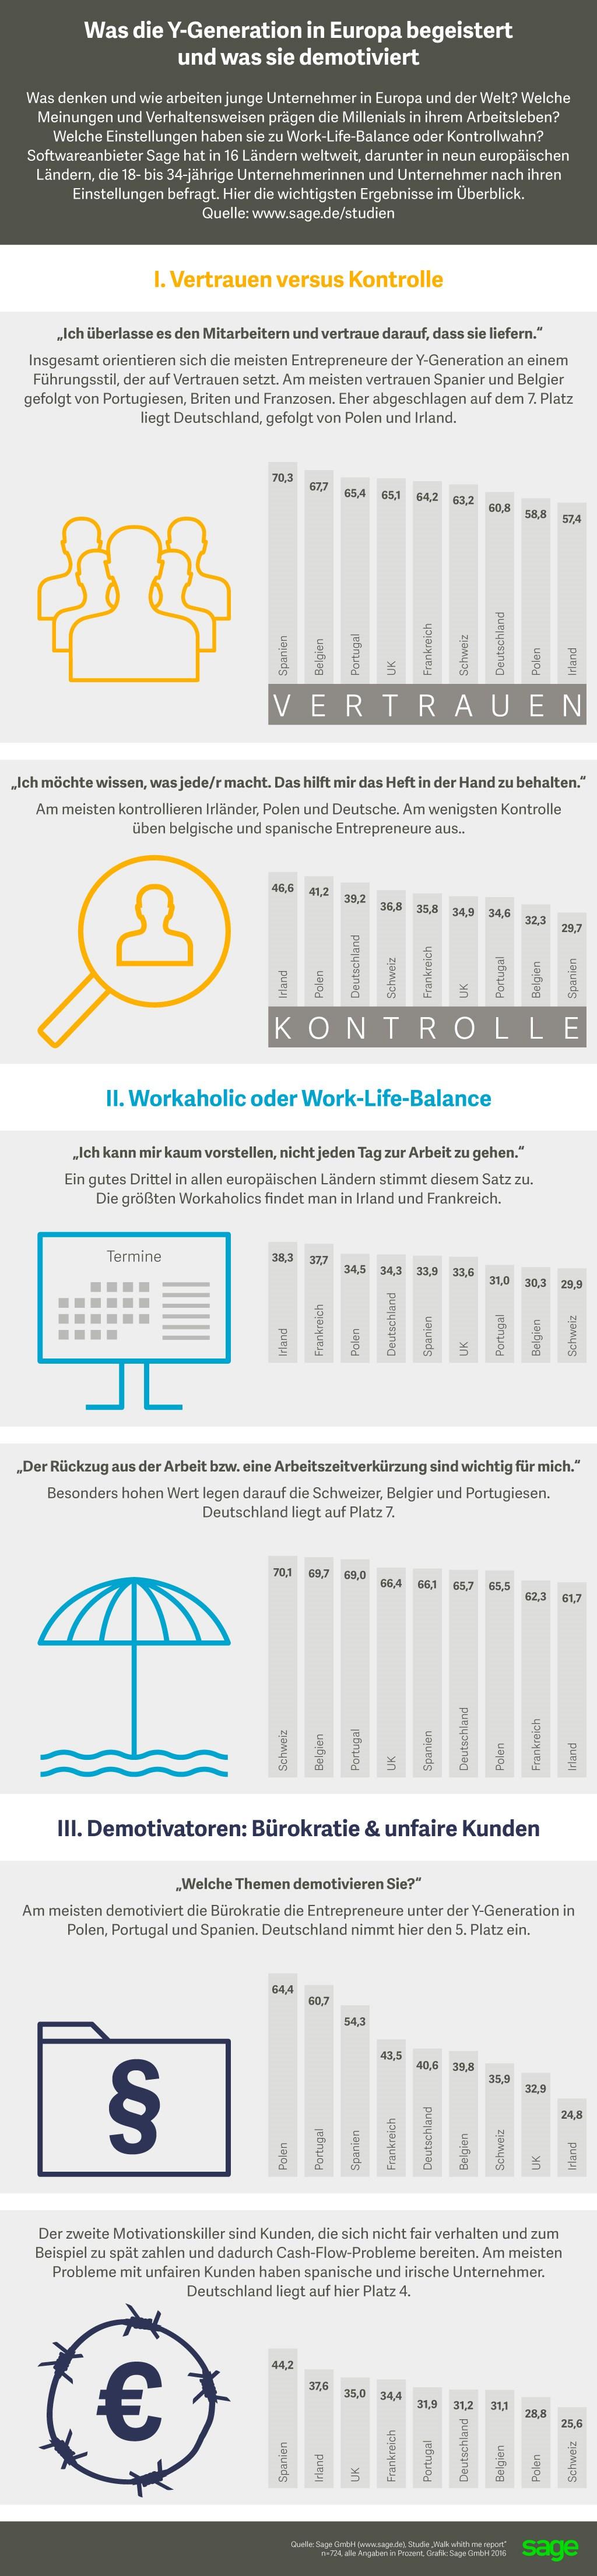 infografik-sage-generation-y-begeistert-demontiviert